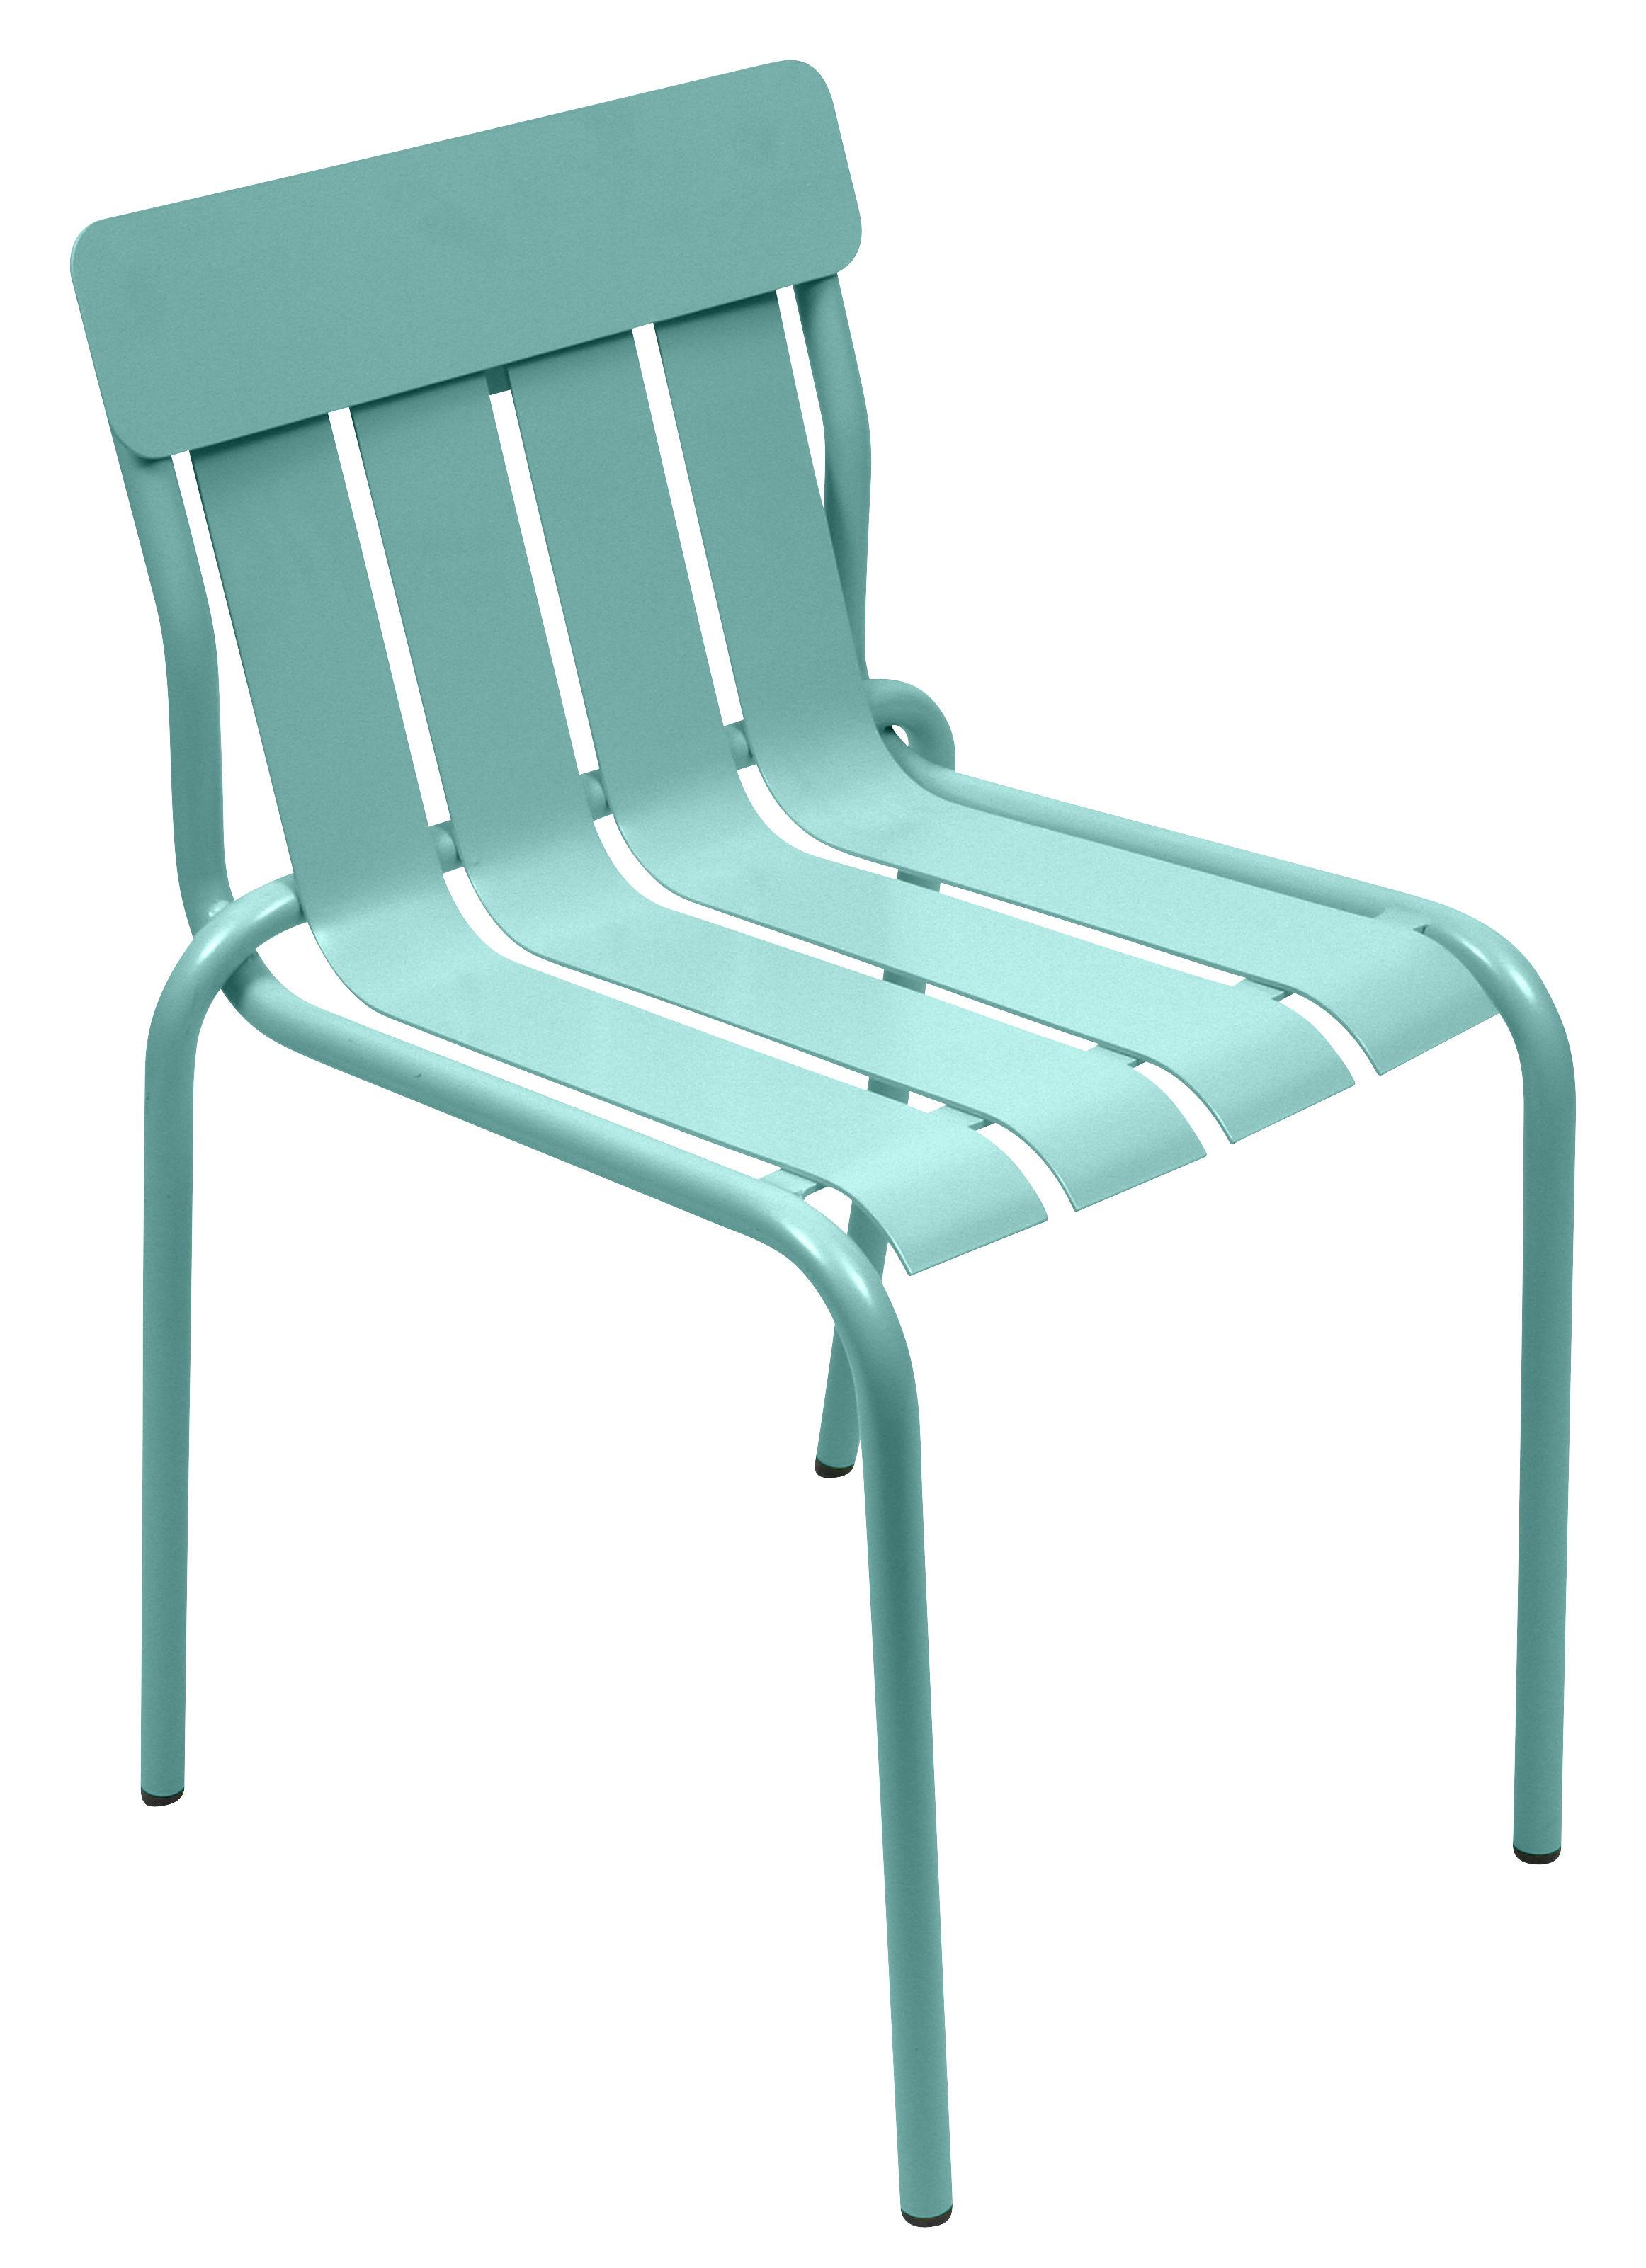 Arredamento - Sedie  - Sedia impilabile Stripe / Matali Crasset - Fermob - Blu laguna - Alluminio